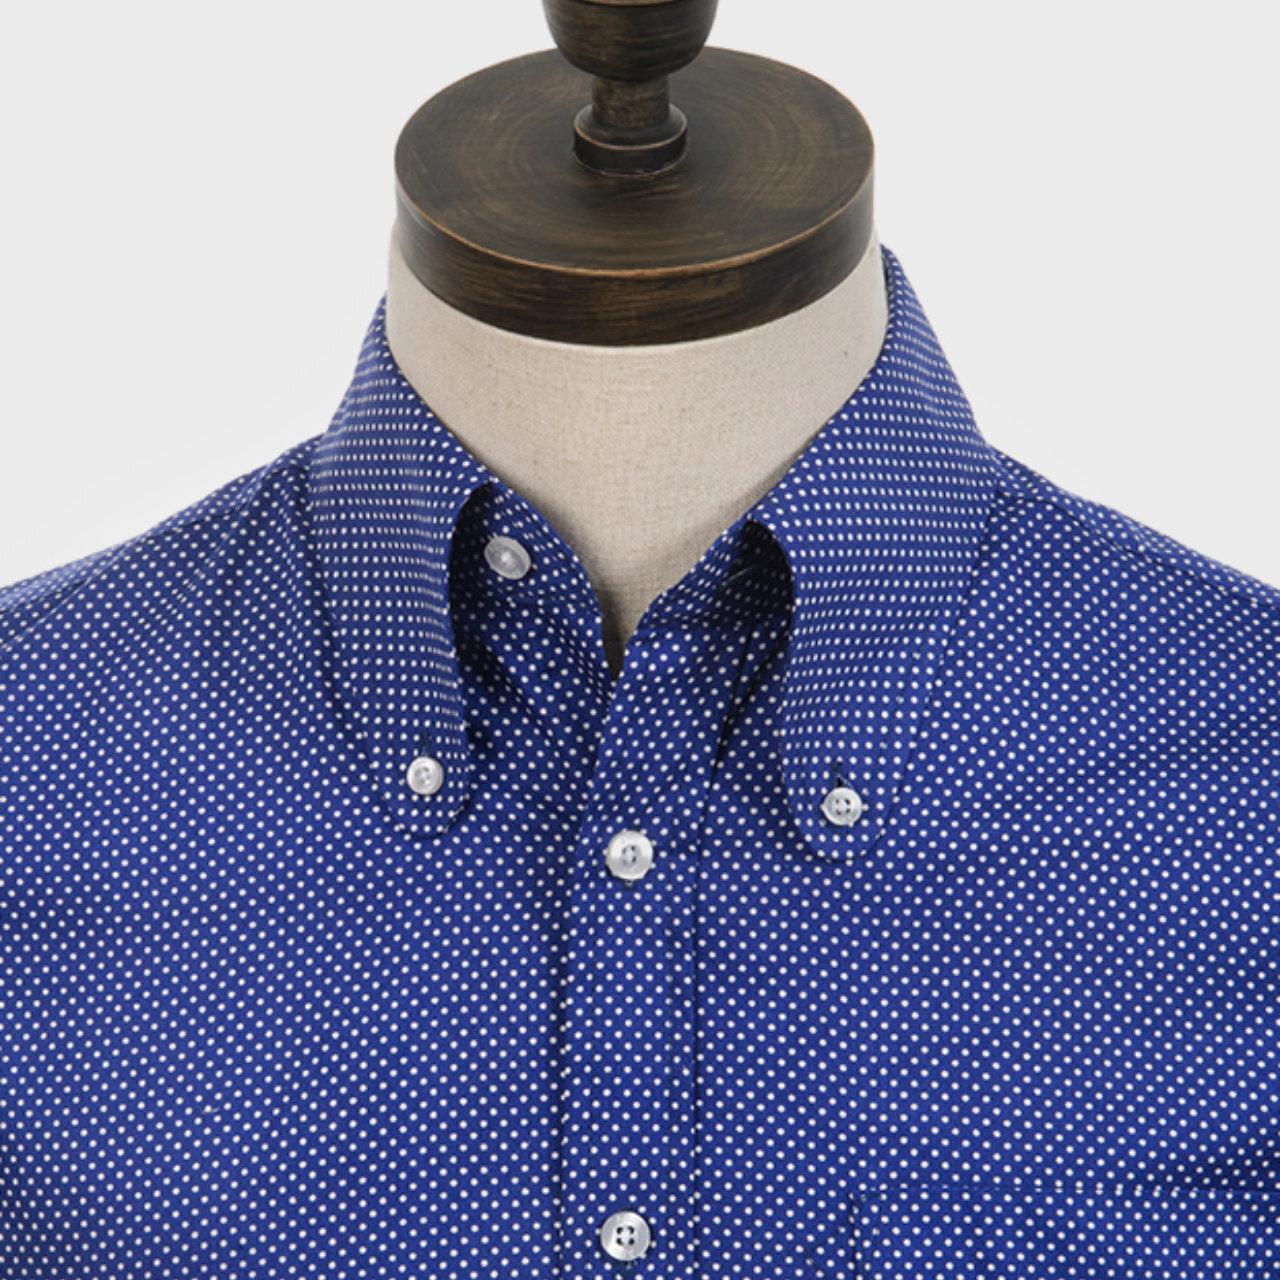 【ART GALLERY】ポルカドット ビーグルカラー ボタンダウン シャツ 〈Blue〉